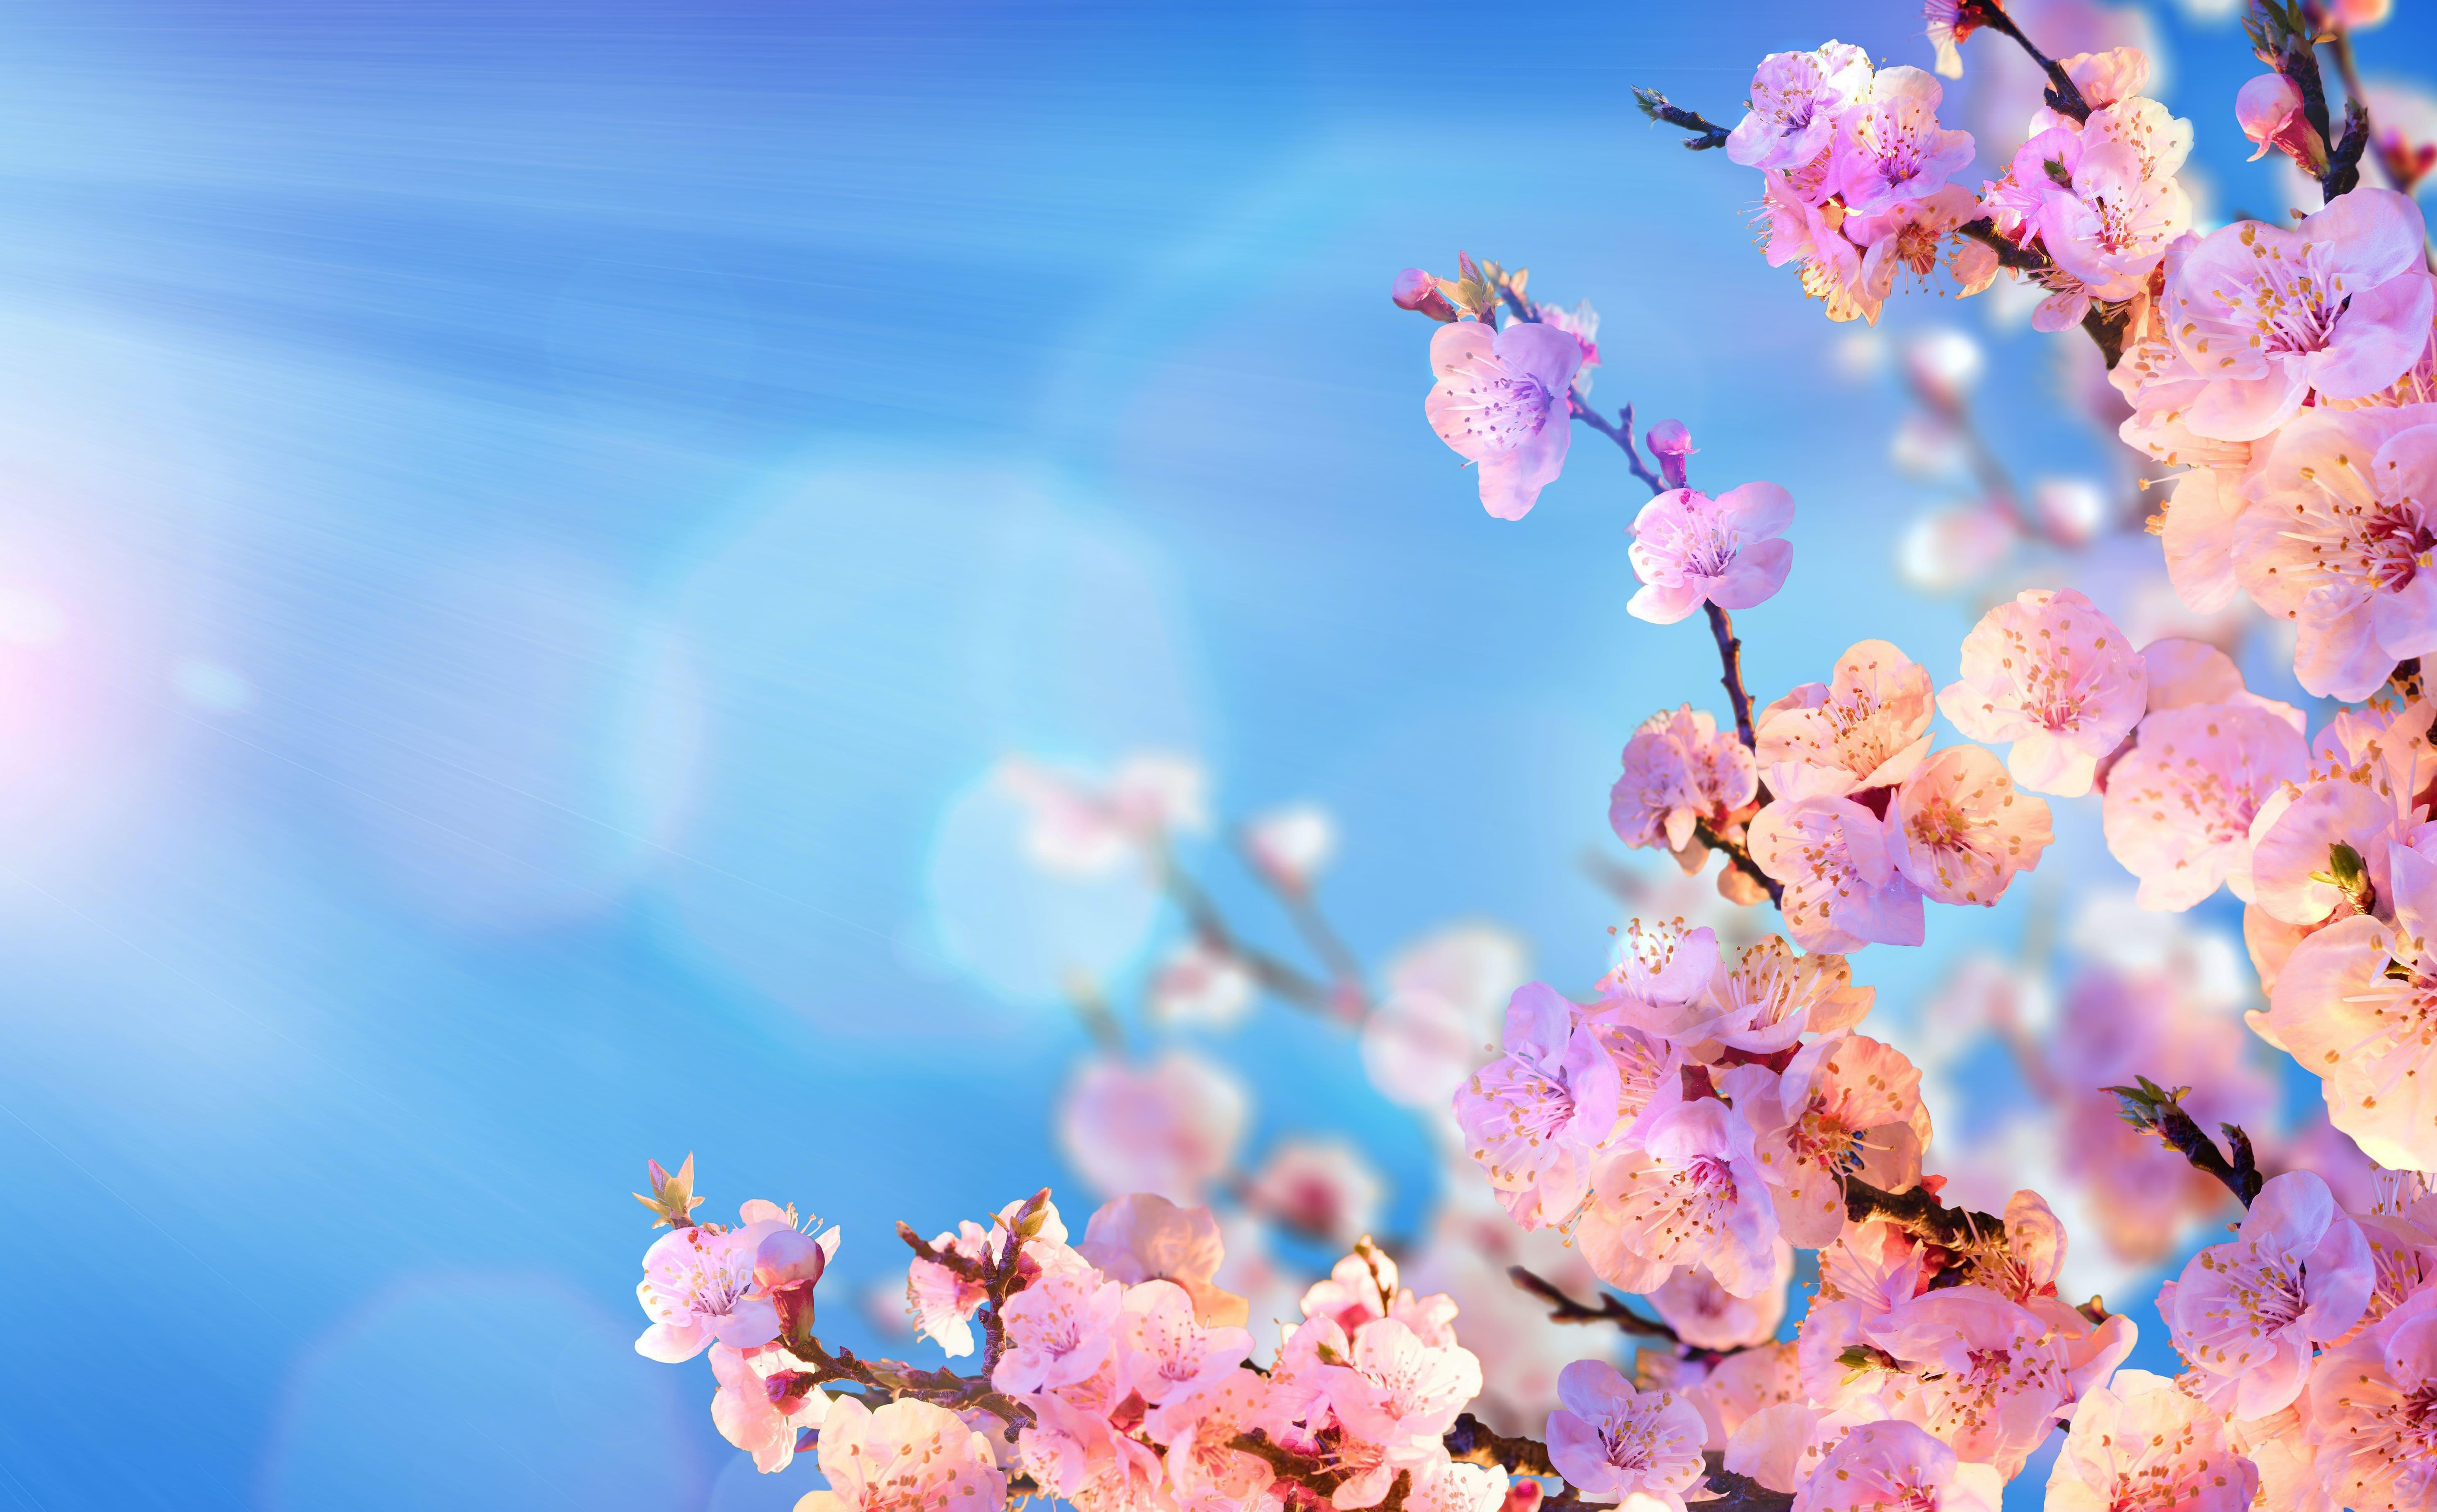 sakura-in-bloom-50